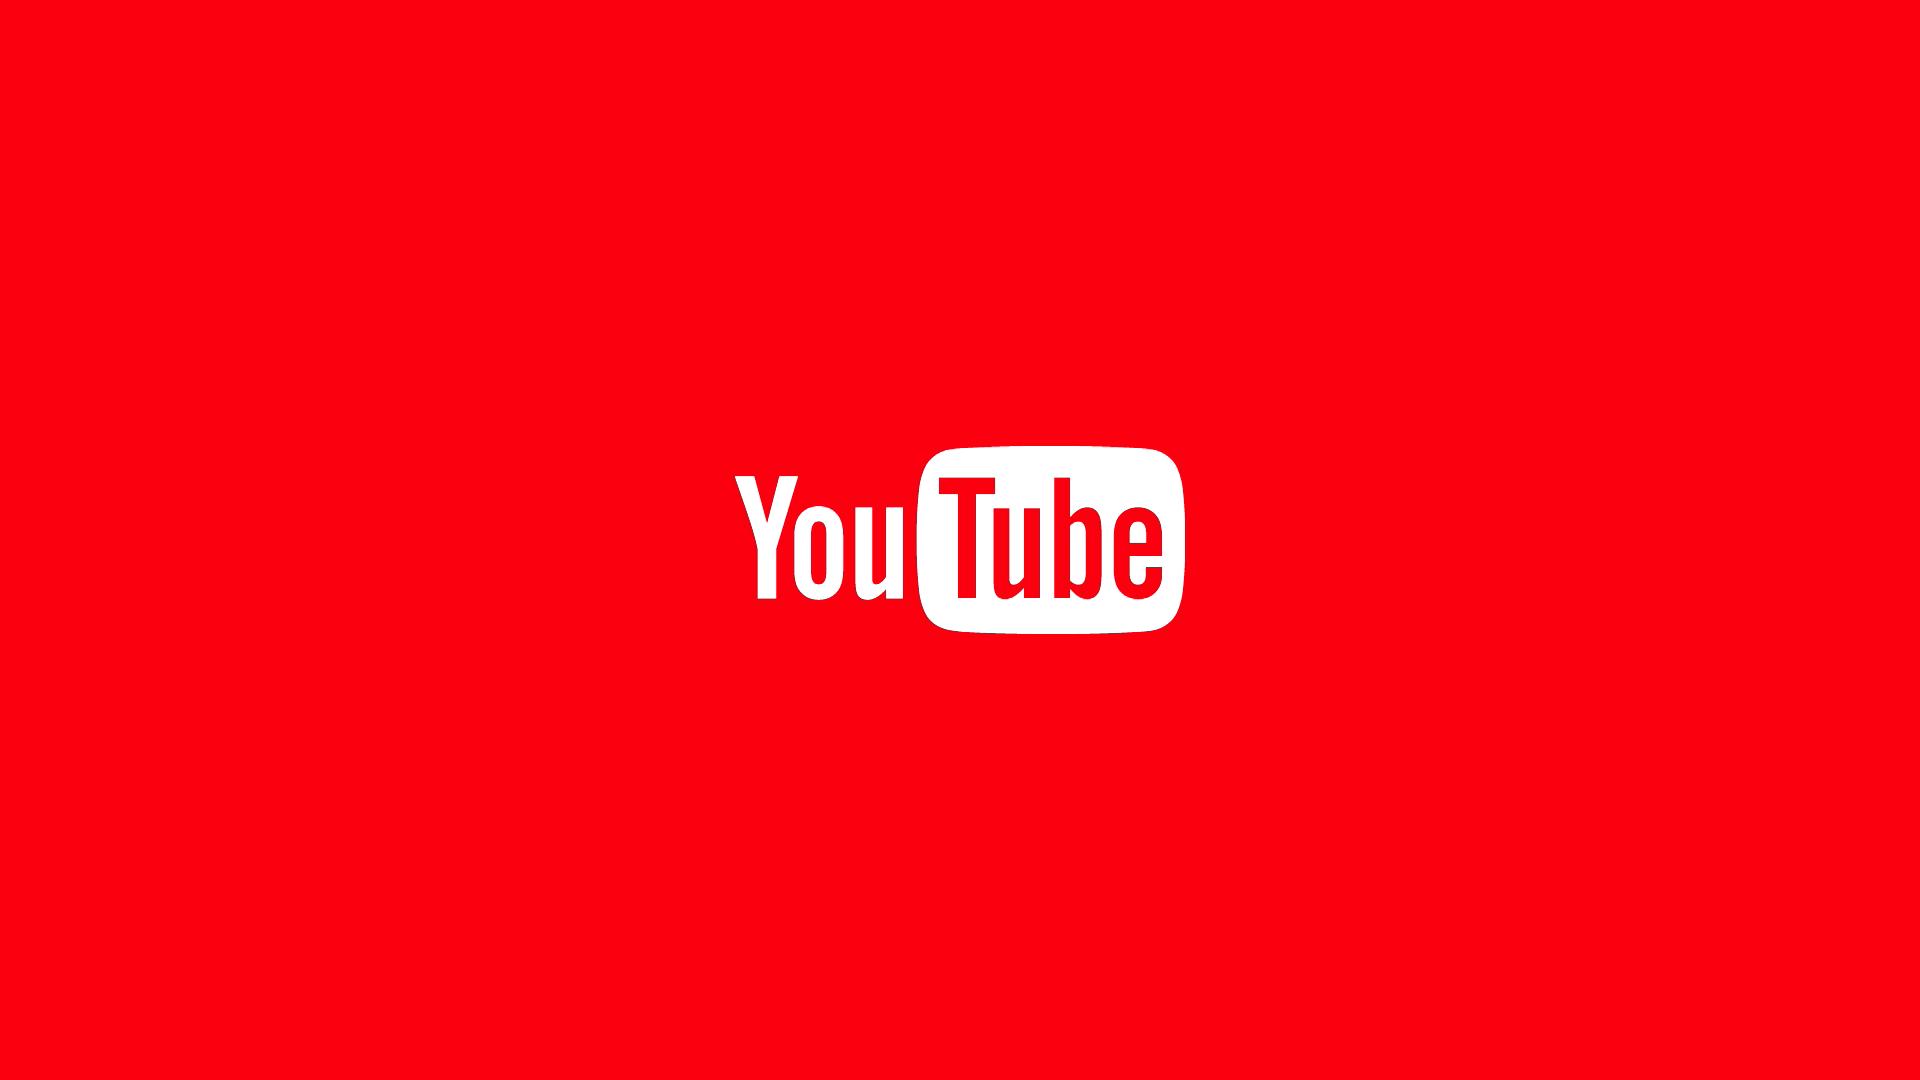 2019年 Youtube(ユーチューブ) BAN祭り